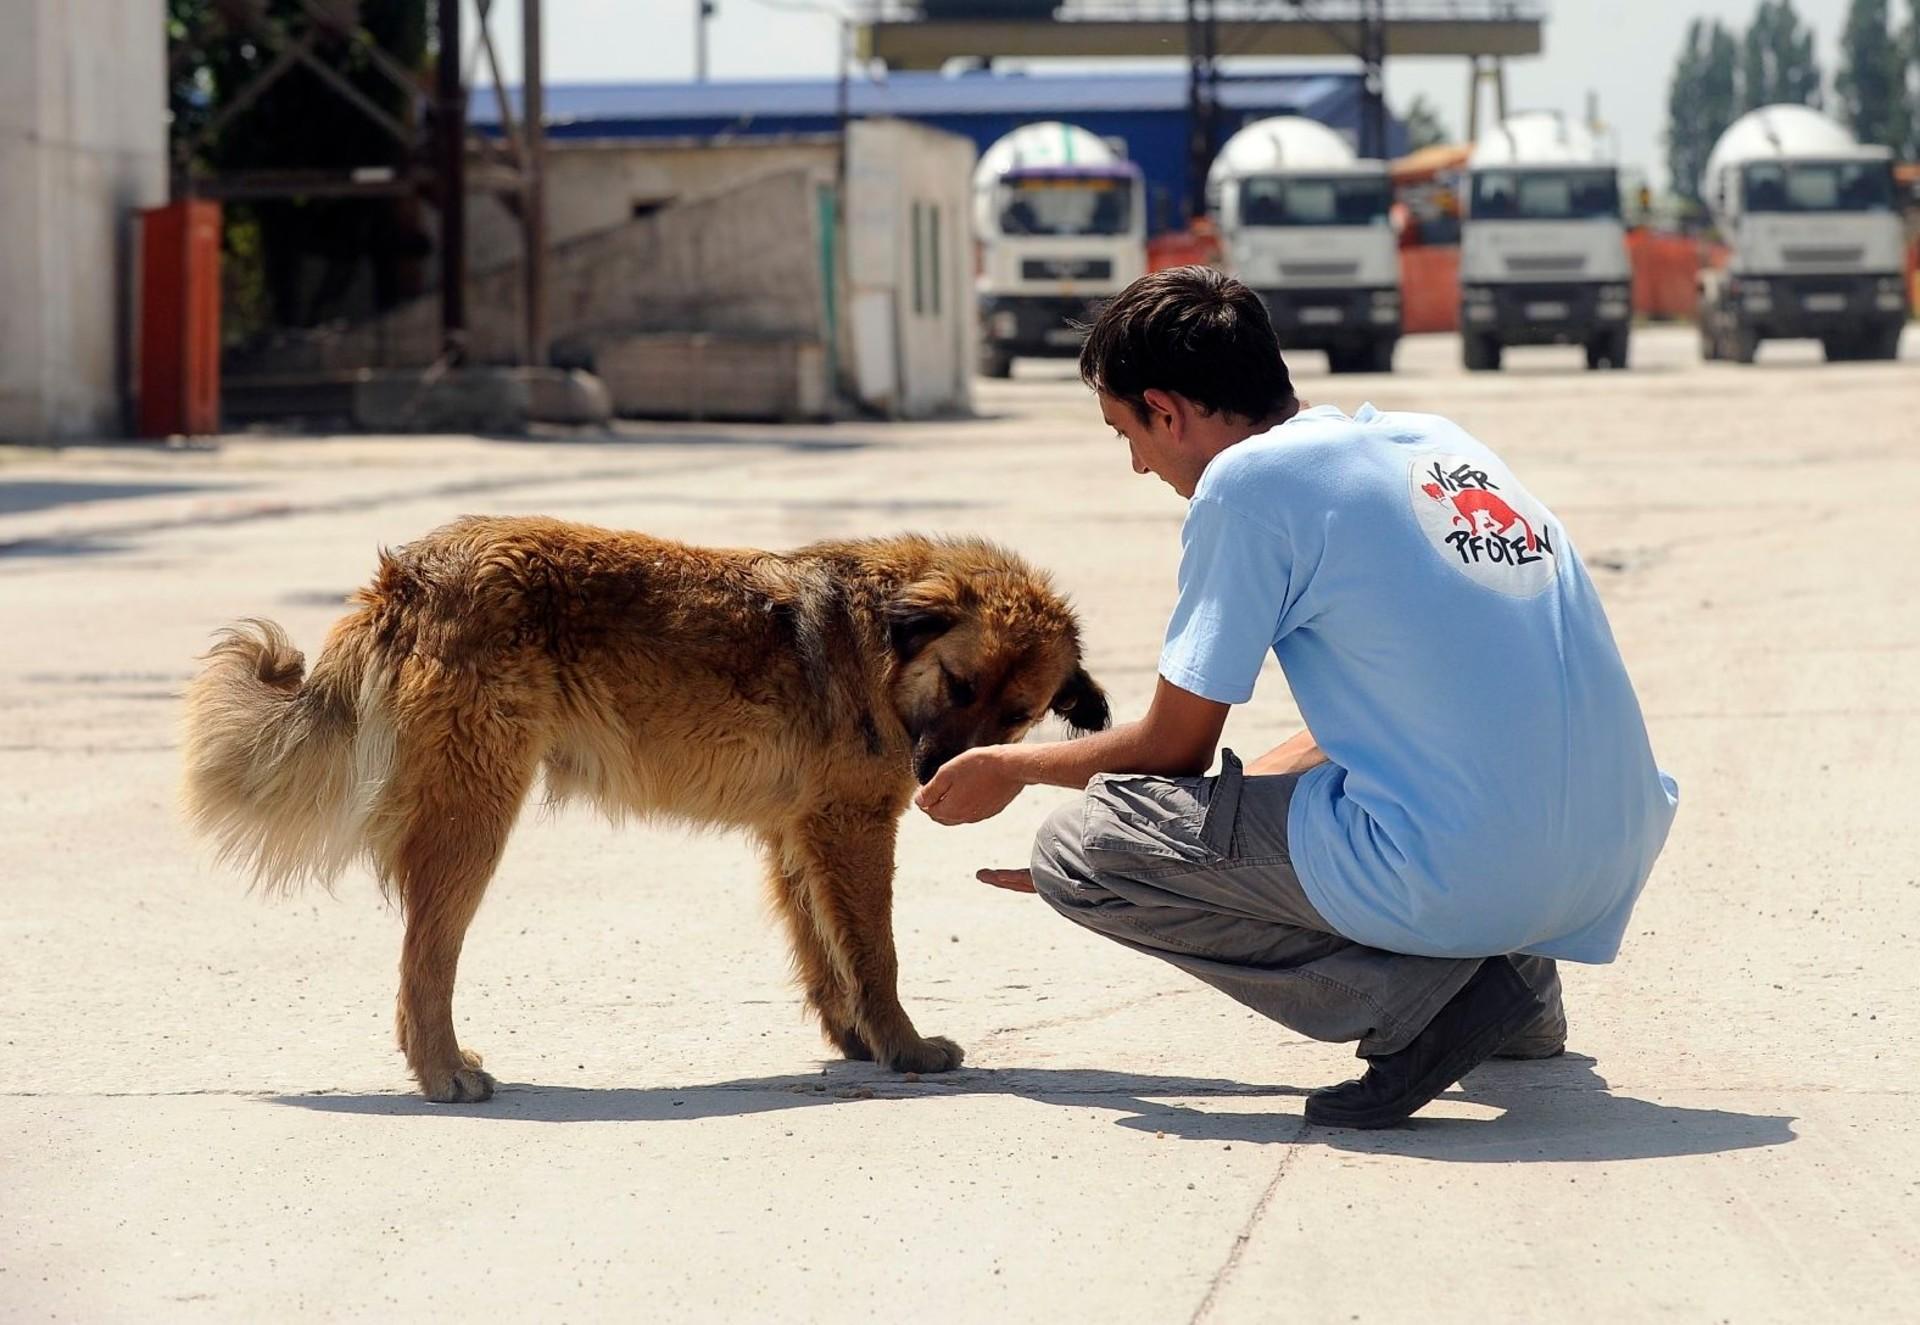 Strays: un projet pour les chiens errants